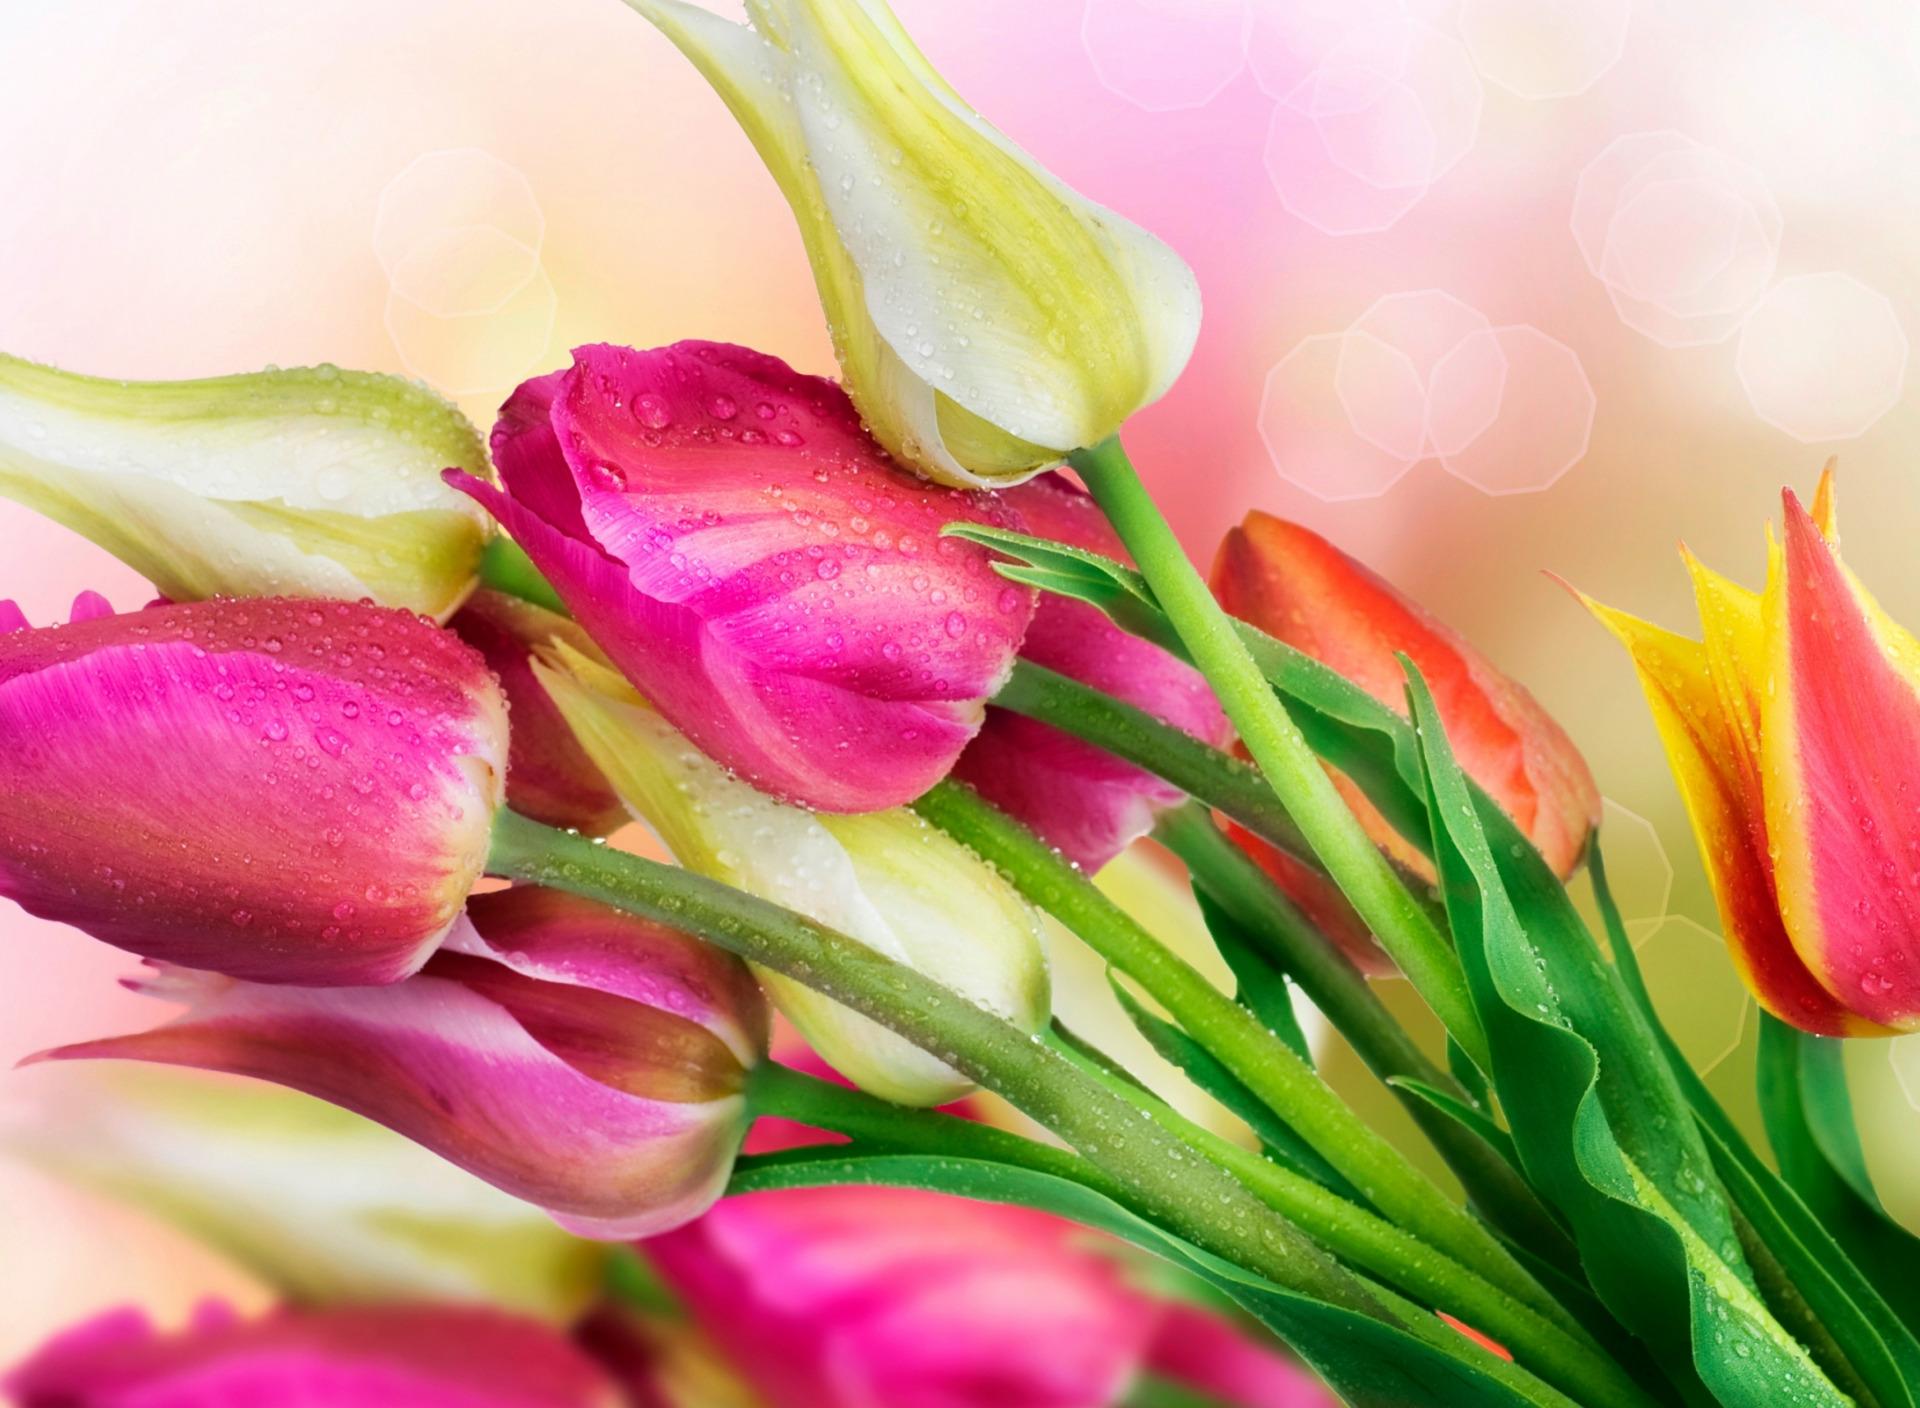 виртуальные открытки тюльпаны хочется выделиться серой